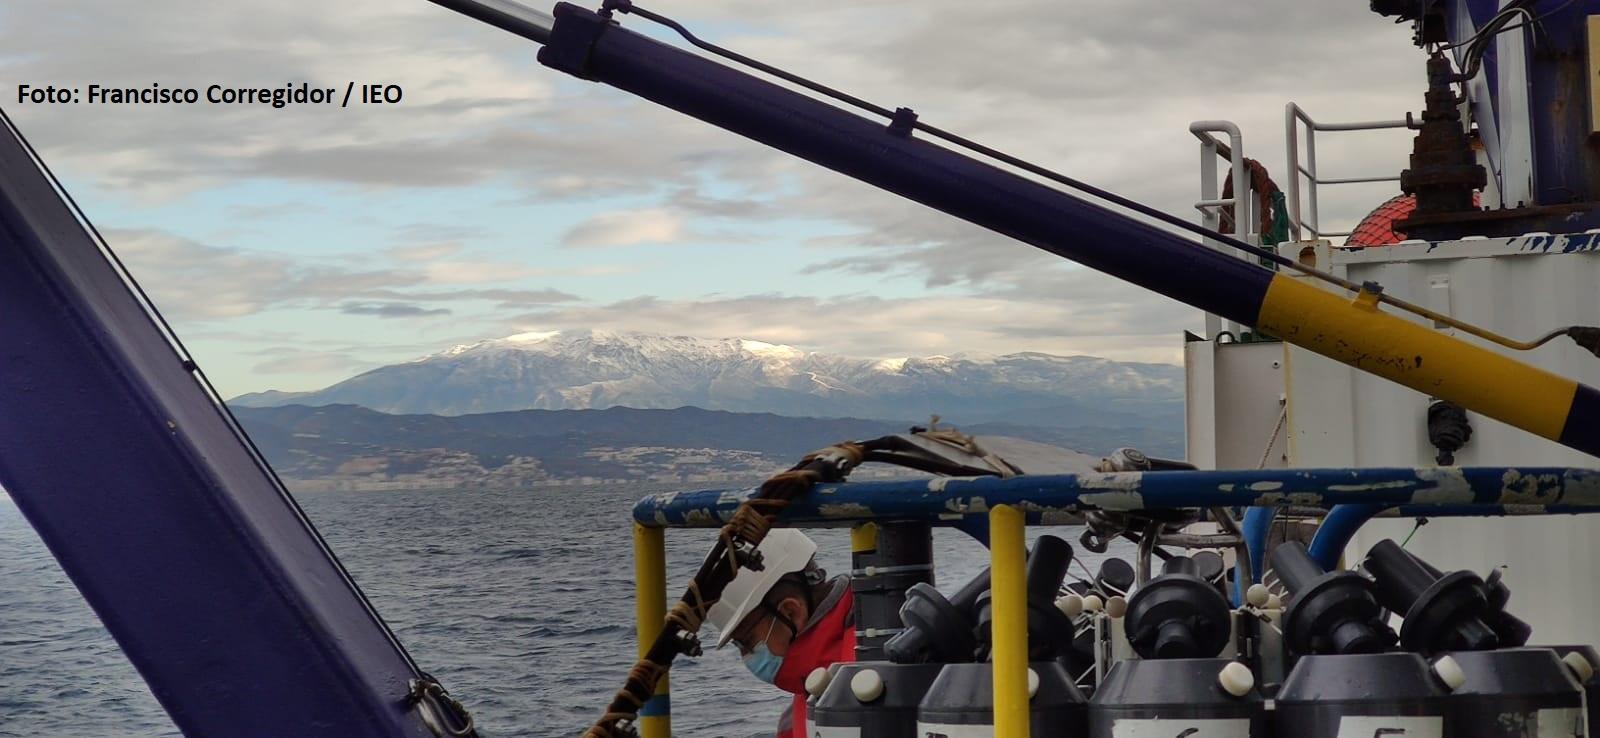 Los científicos recorrerán todo el litoral desde Algeciras a Barcelona. Imagen: Francisco Corregidor / IEO